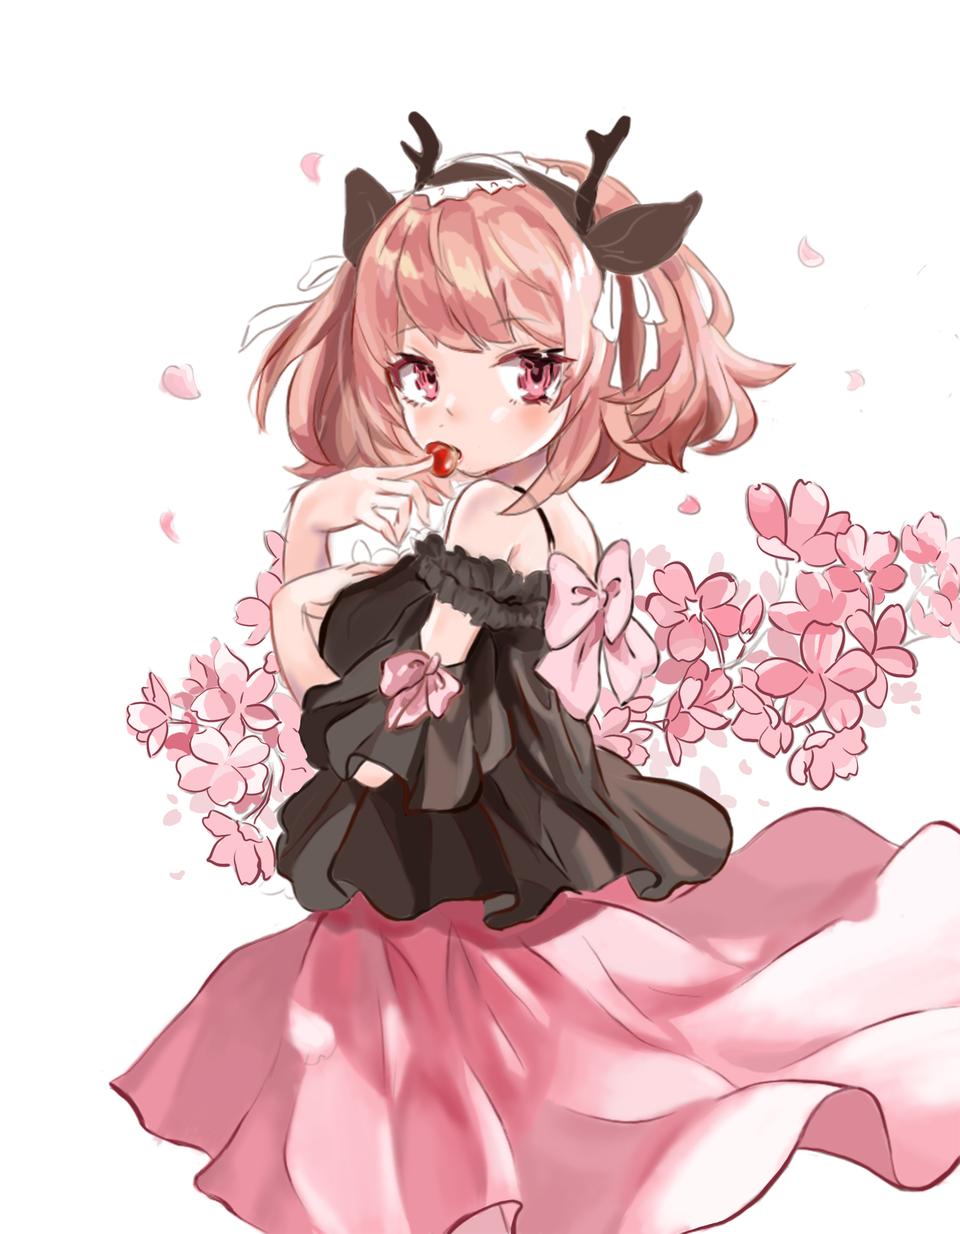 可爱 漫画  粉色 Illust of 世味茶馆 pinkhair girl sakura